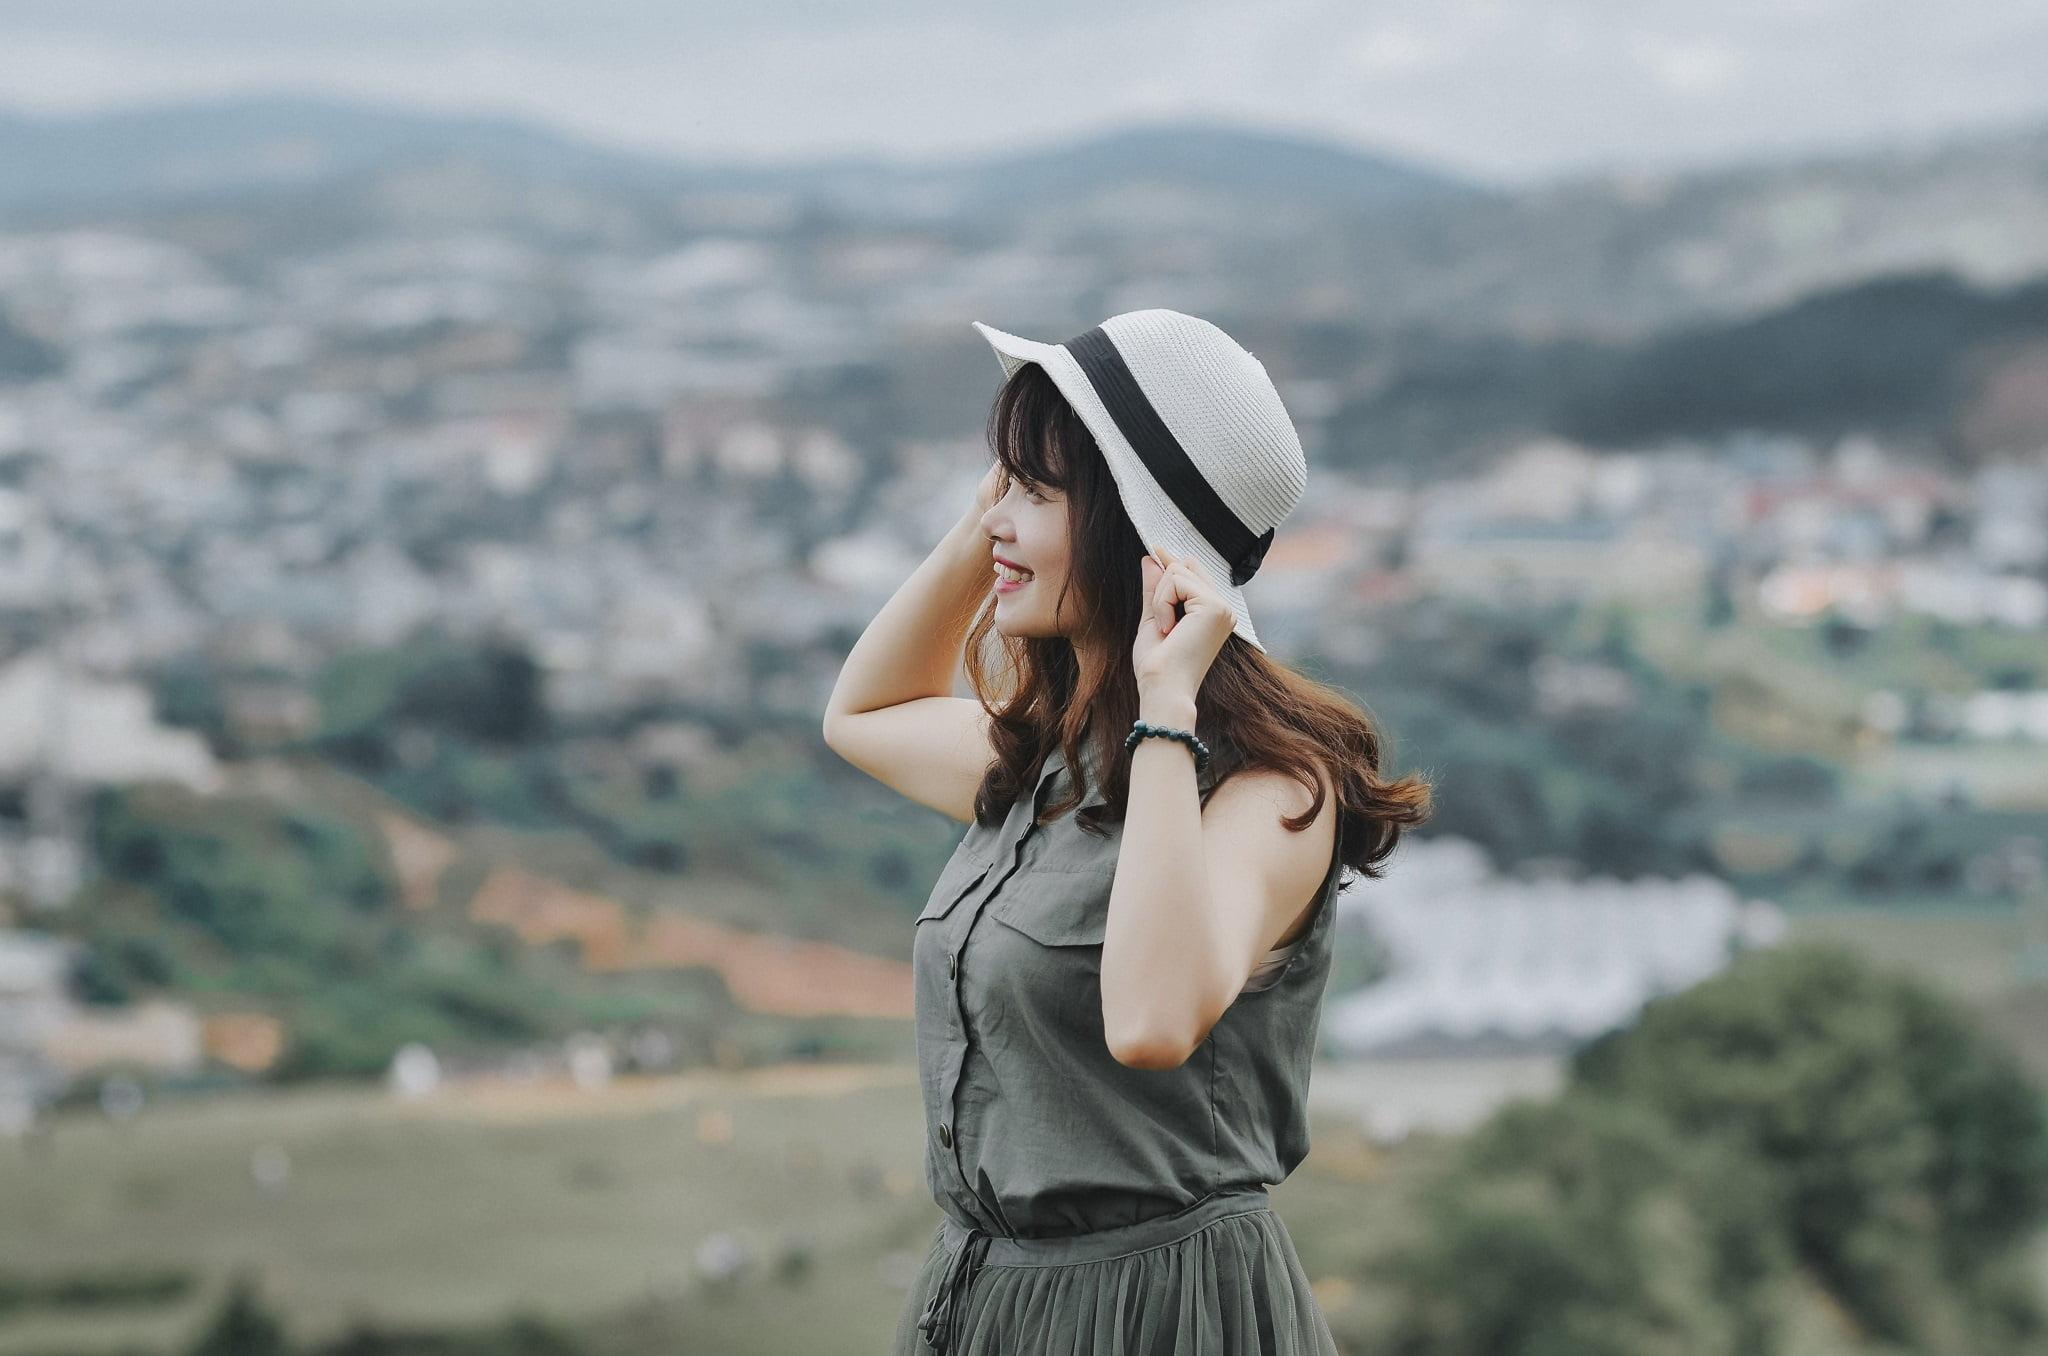 trang 2 - Ảnh chụp trên đỉnh Langbiang Đà Lạt - Trang Nguyễn